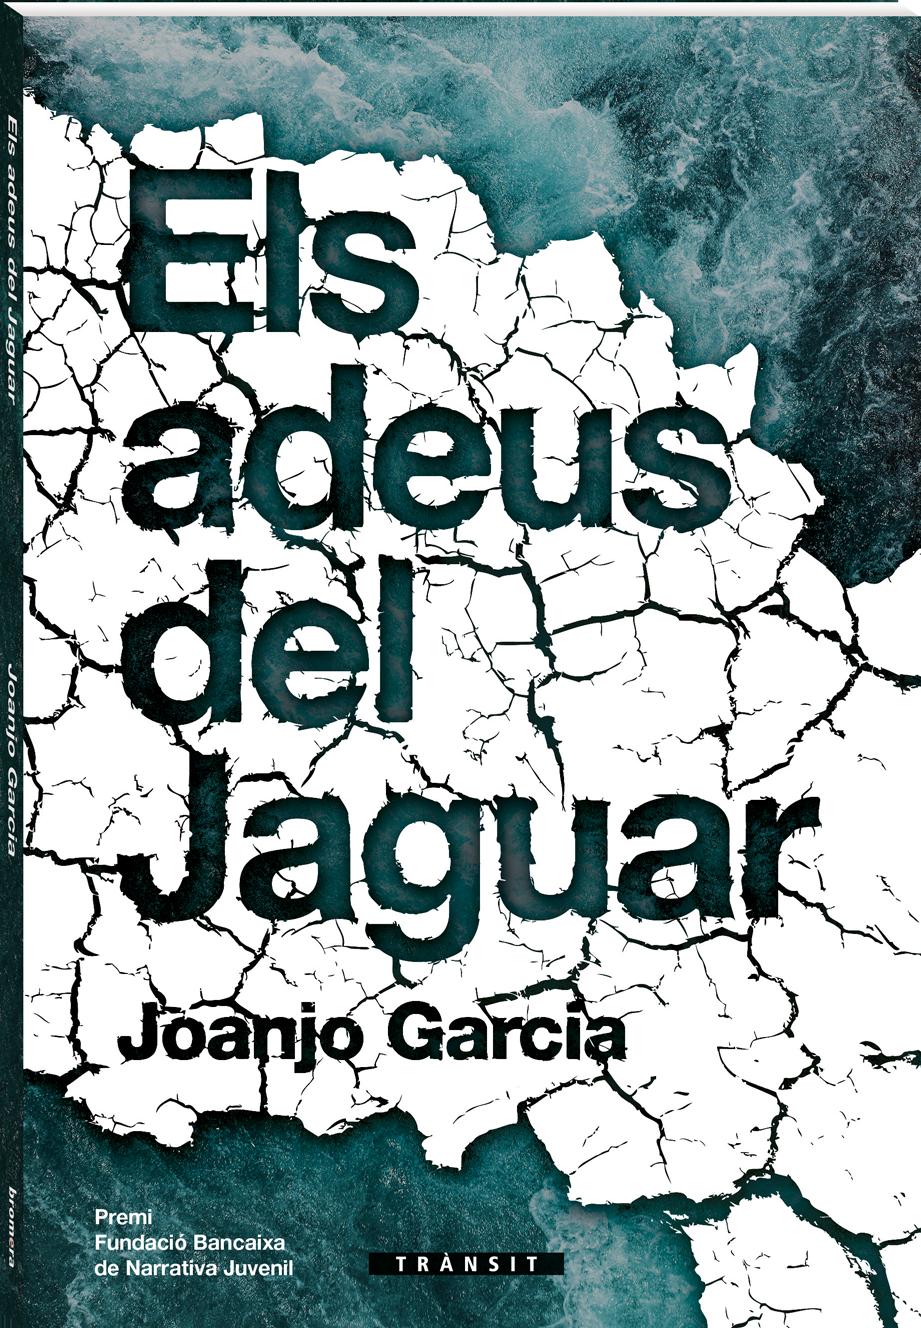 021_Els-adeus-del-Jaguar_1.png